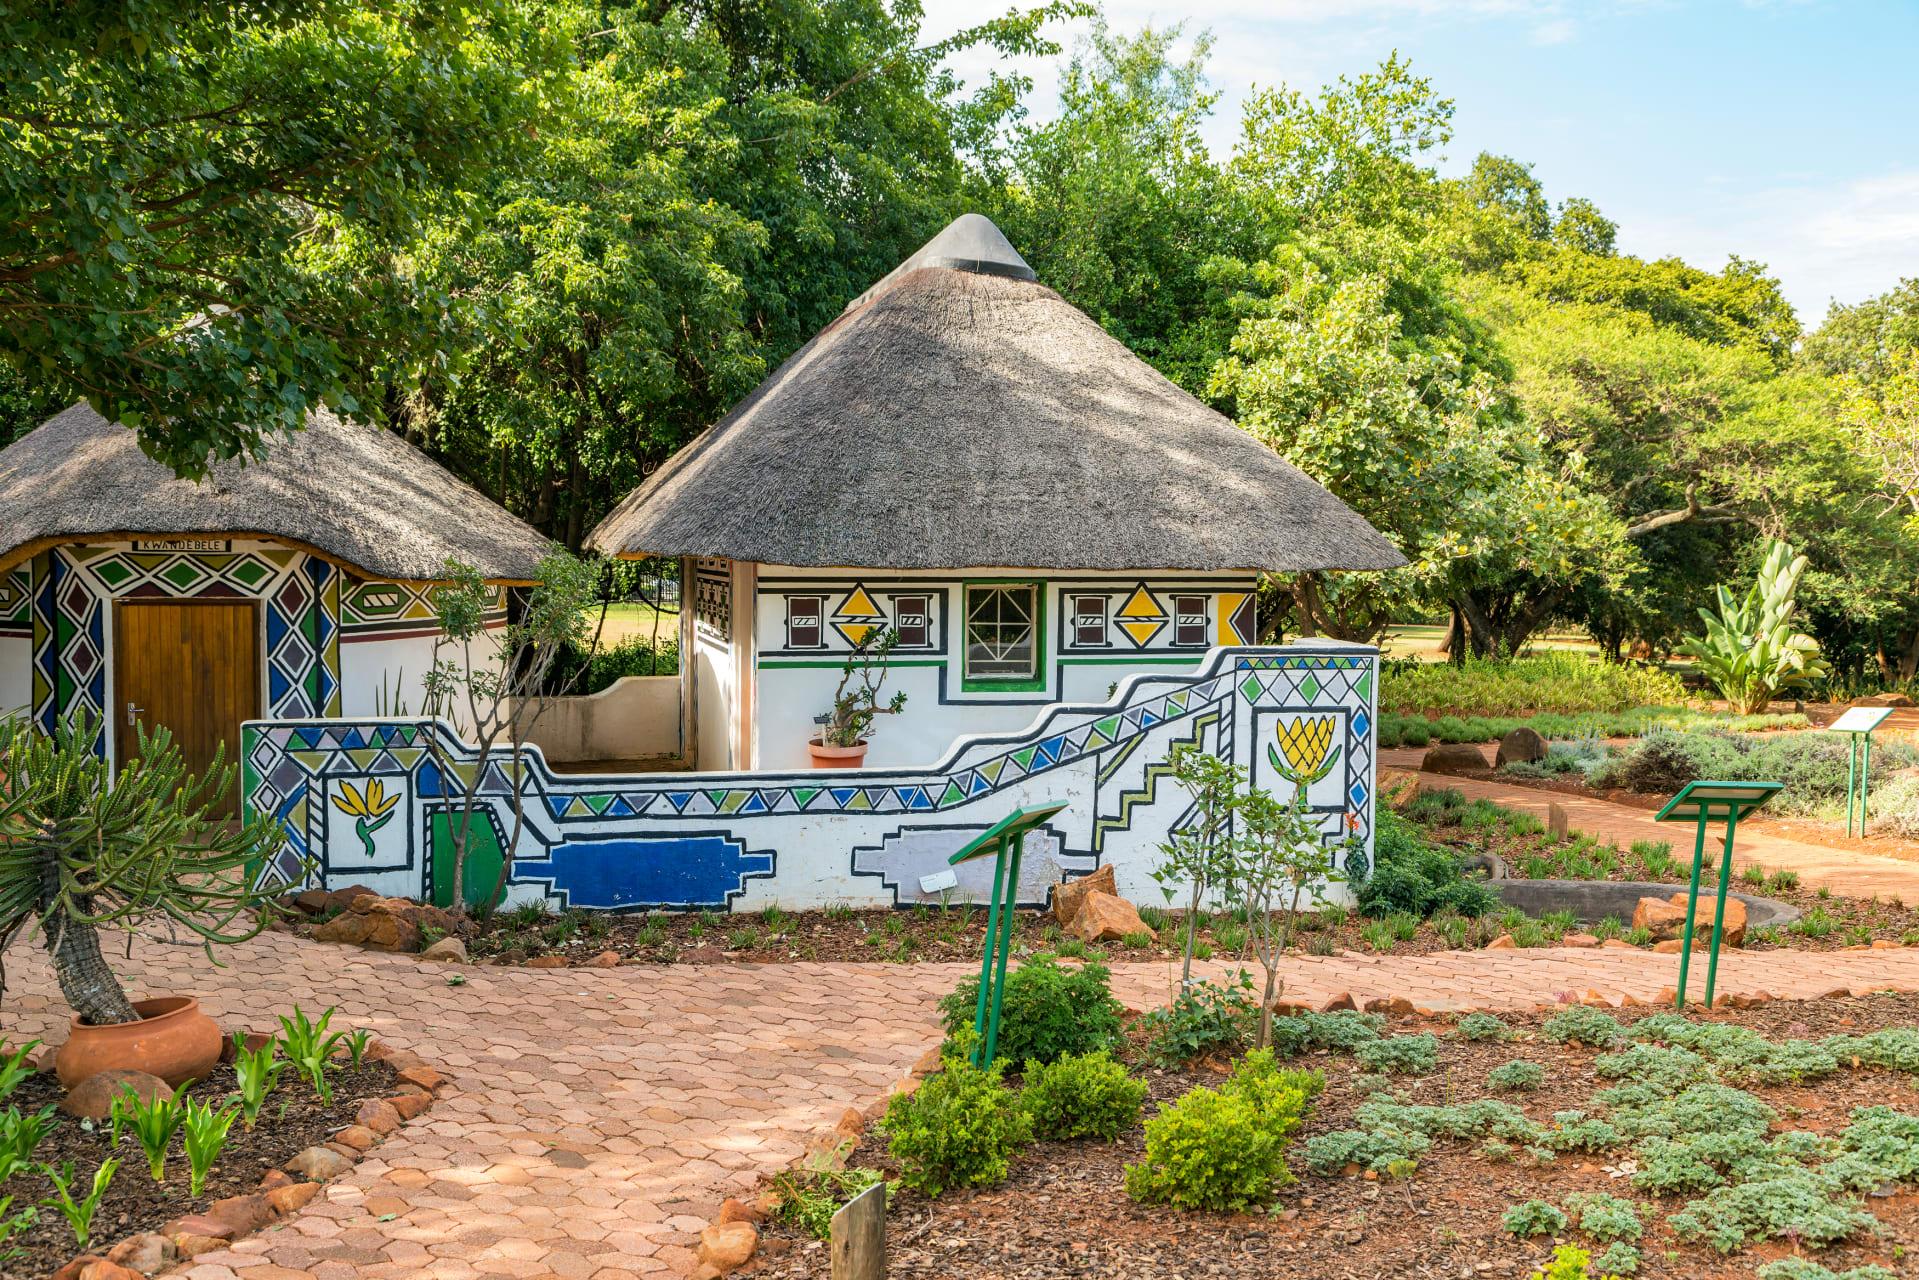 Cape Town - Pretoria National Botanical Gardens